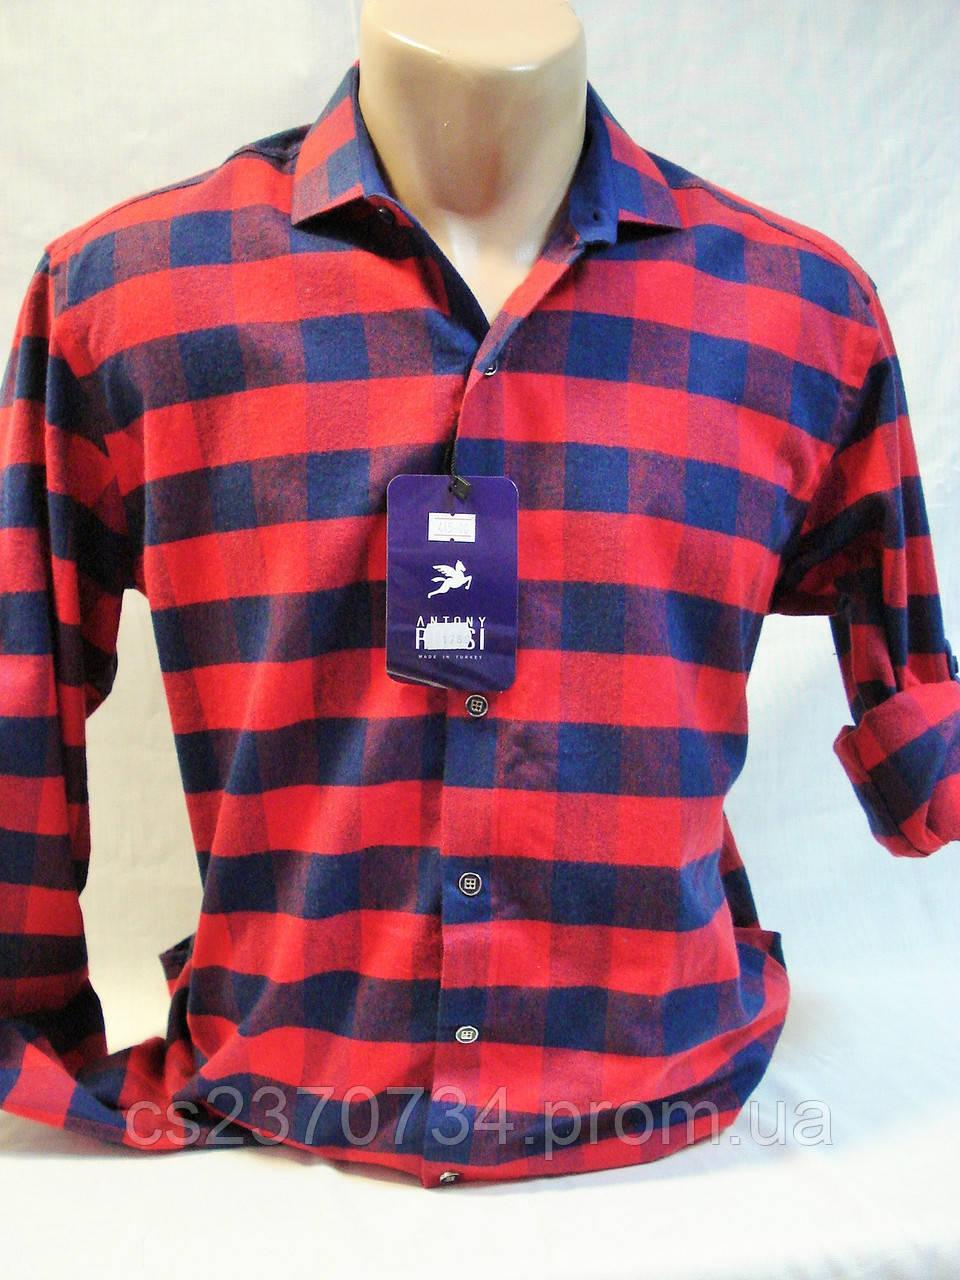 Рубашка мужская байковая в красно-синюю клетку Antoni Rossi (M-44,L-46,XL-48,3XL-52).